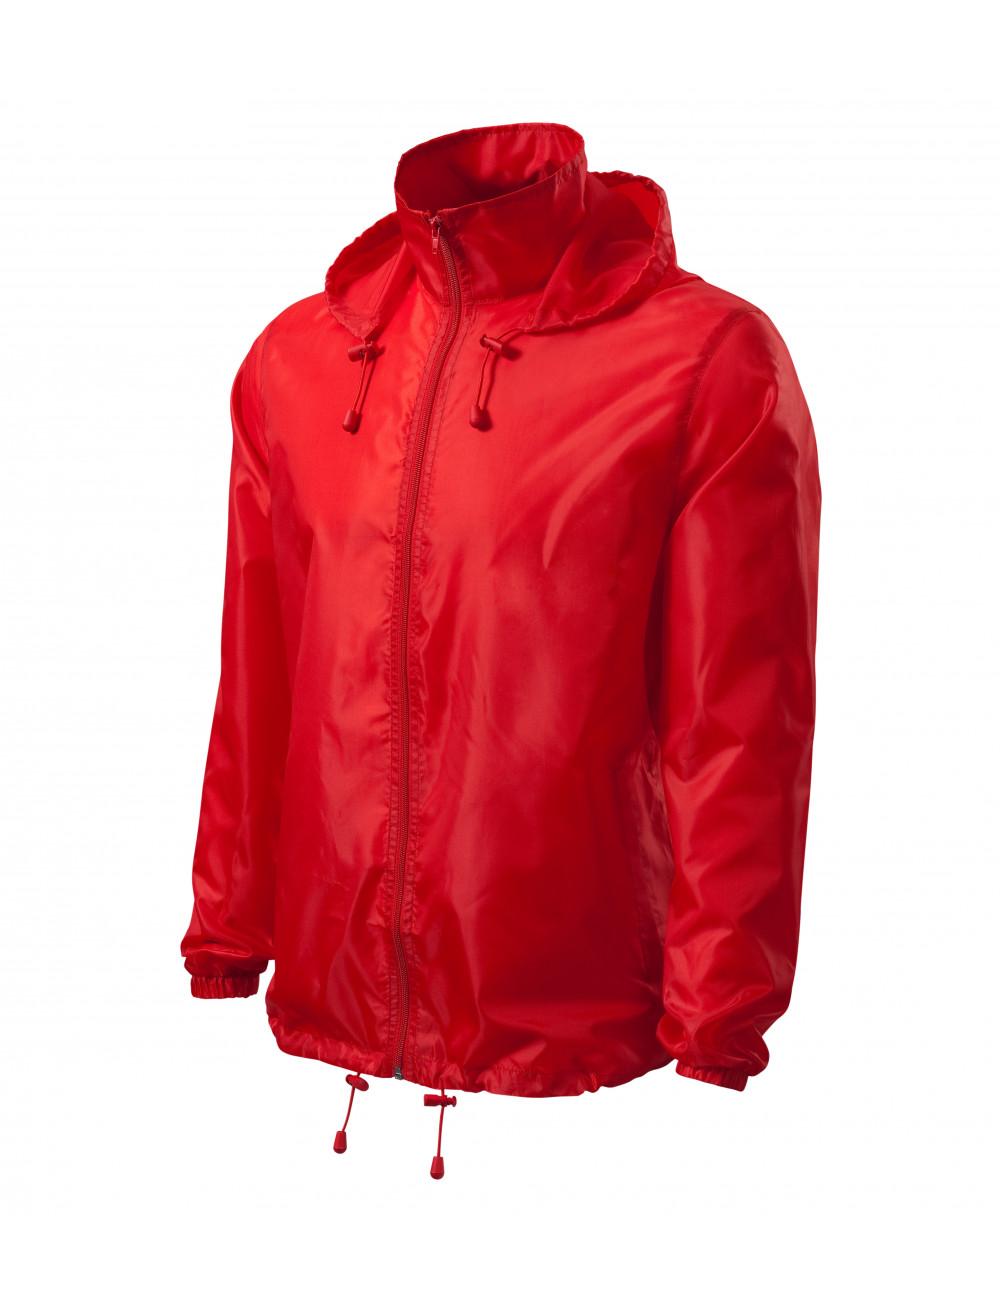 Adler MALFINI Wiatrówka unisex Windy 524 czerwony